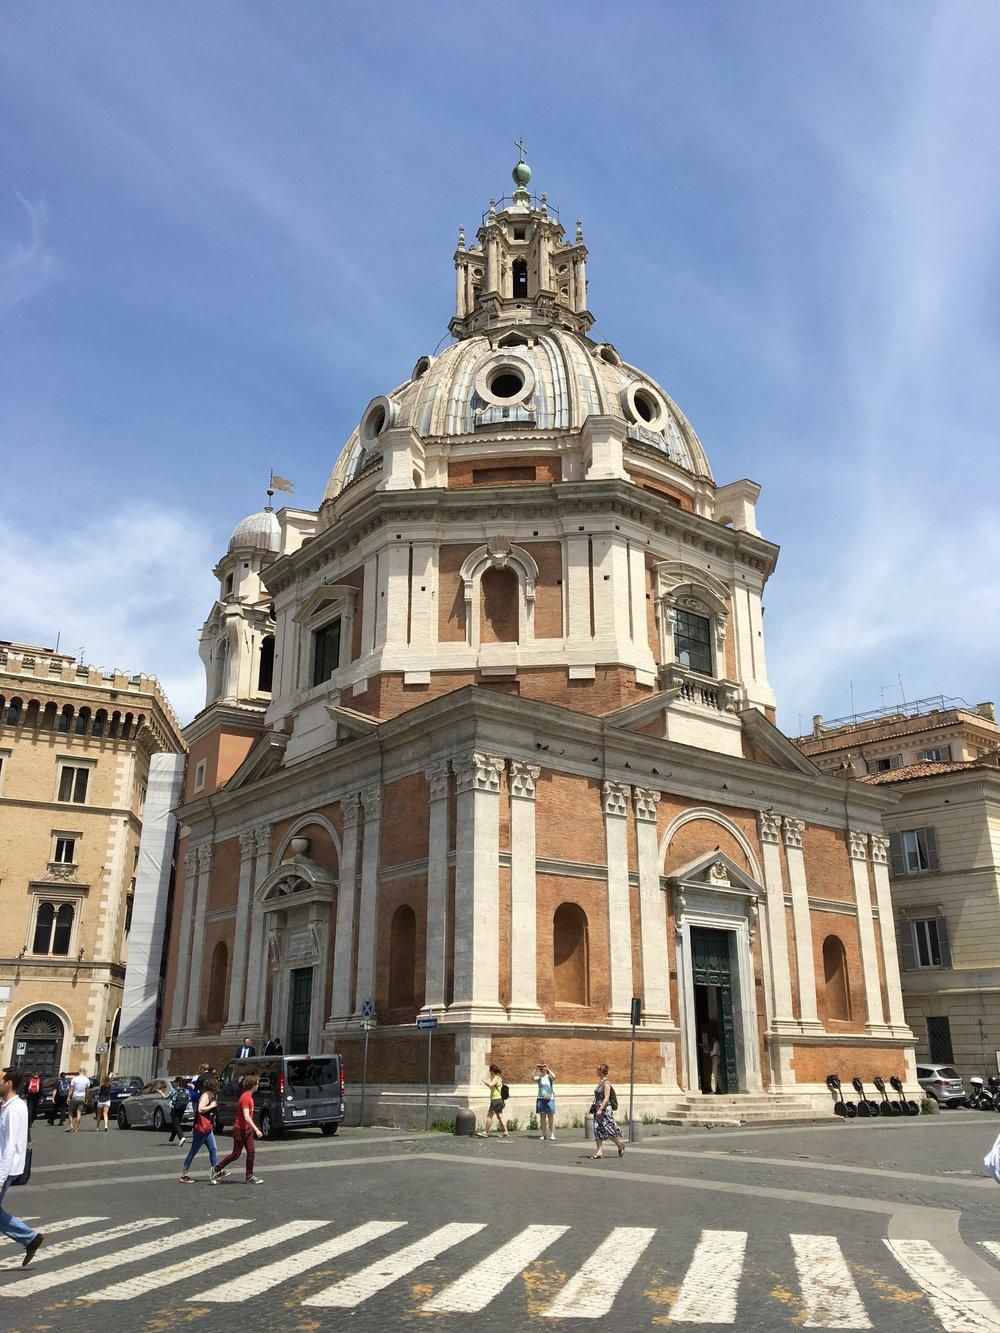 Piazza di Spagna accesible from Via del Corso.